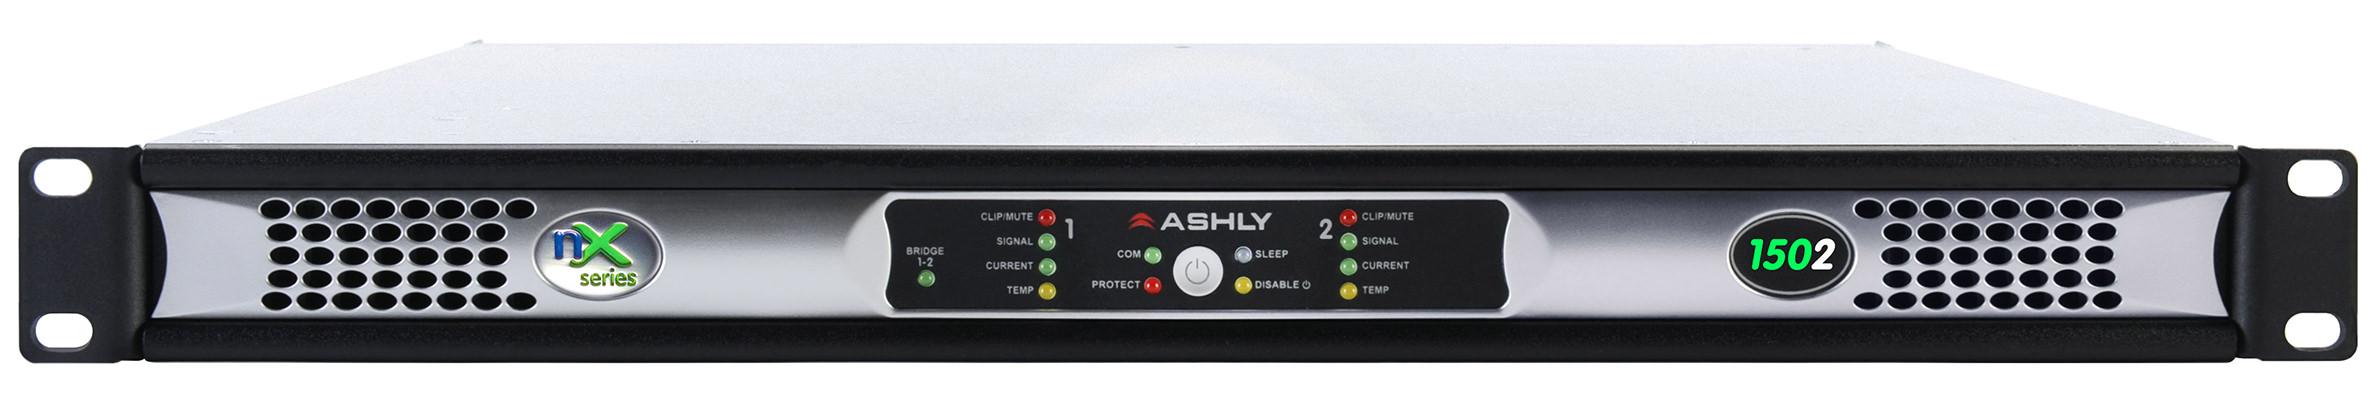 Ashly nX1502 voorkant